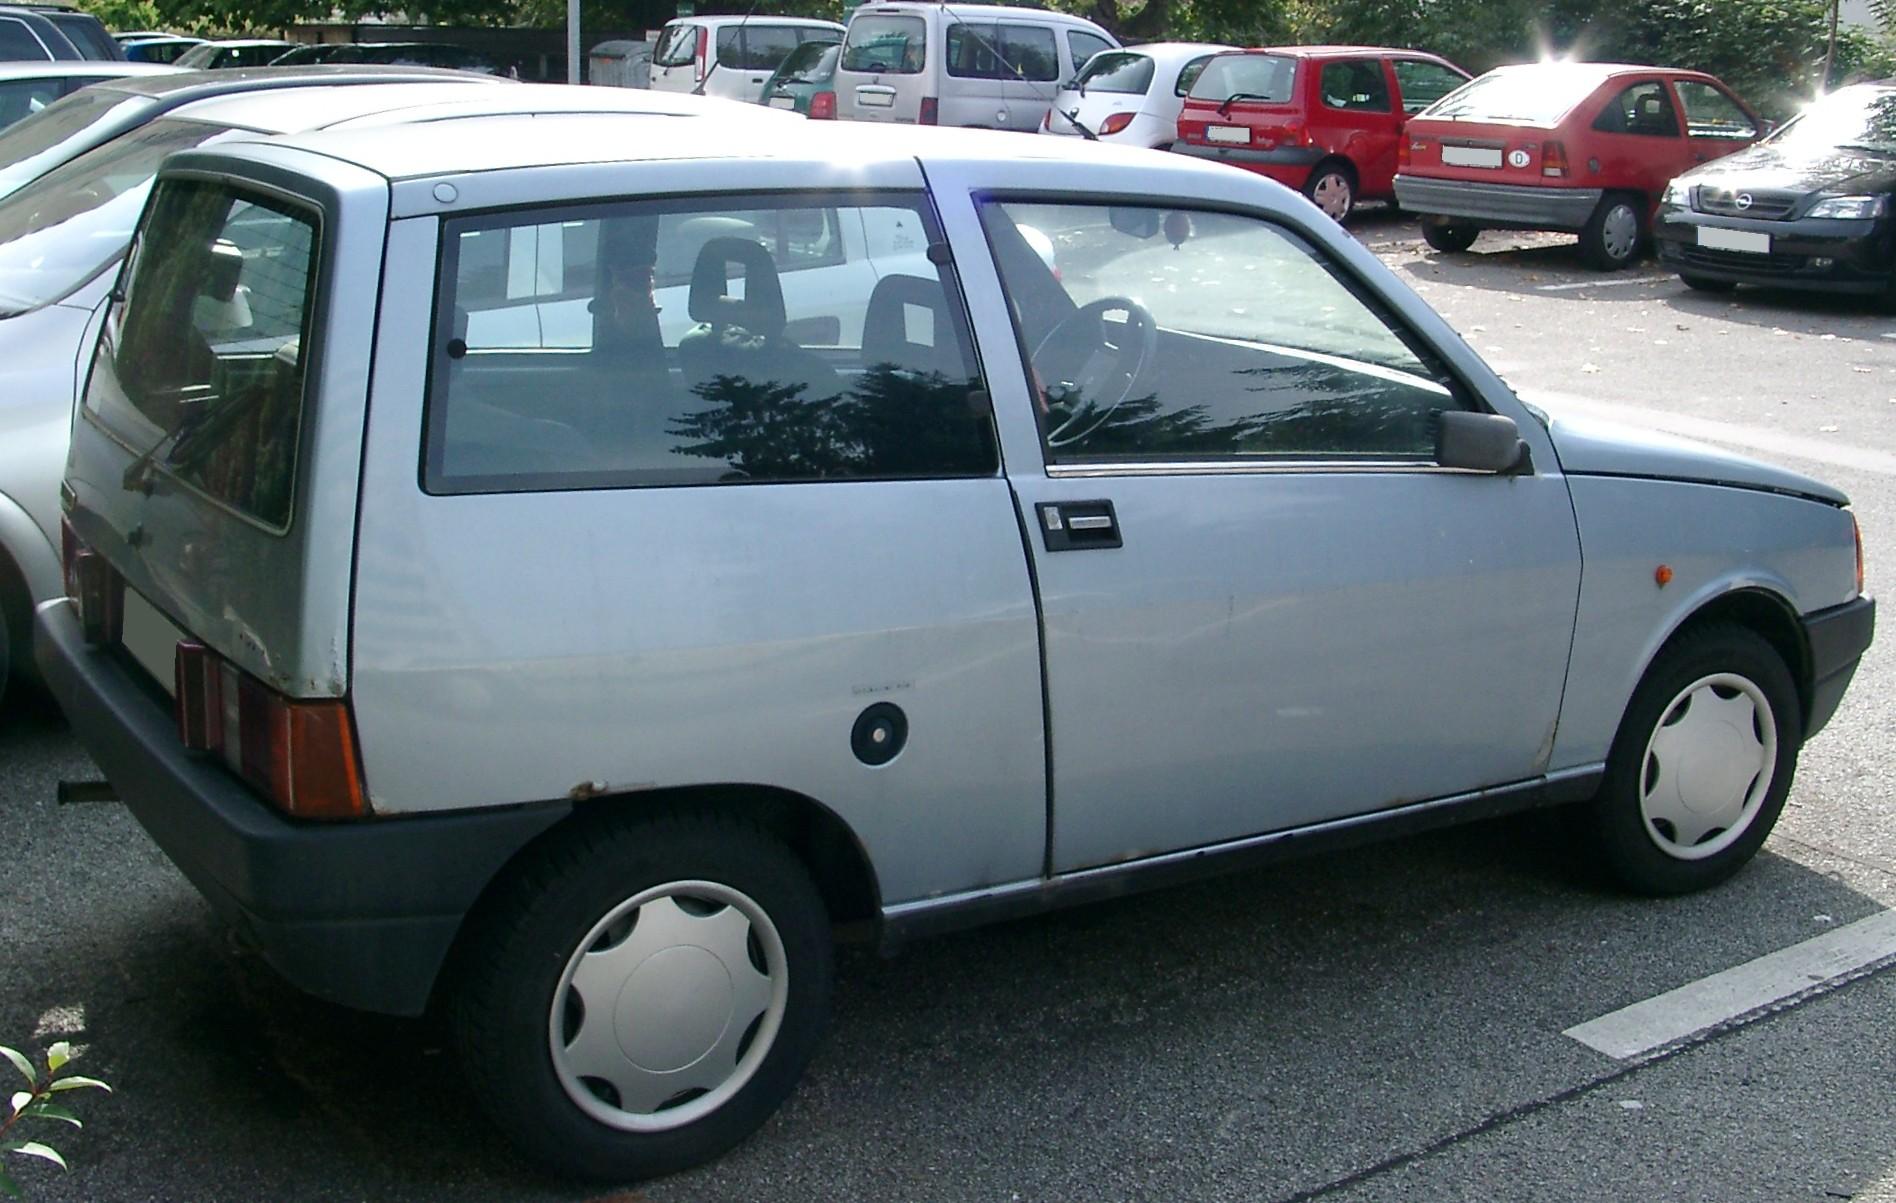 File:Lancia Y10 side 20070920.jpg - Wikimedia Commons